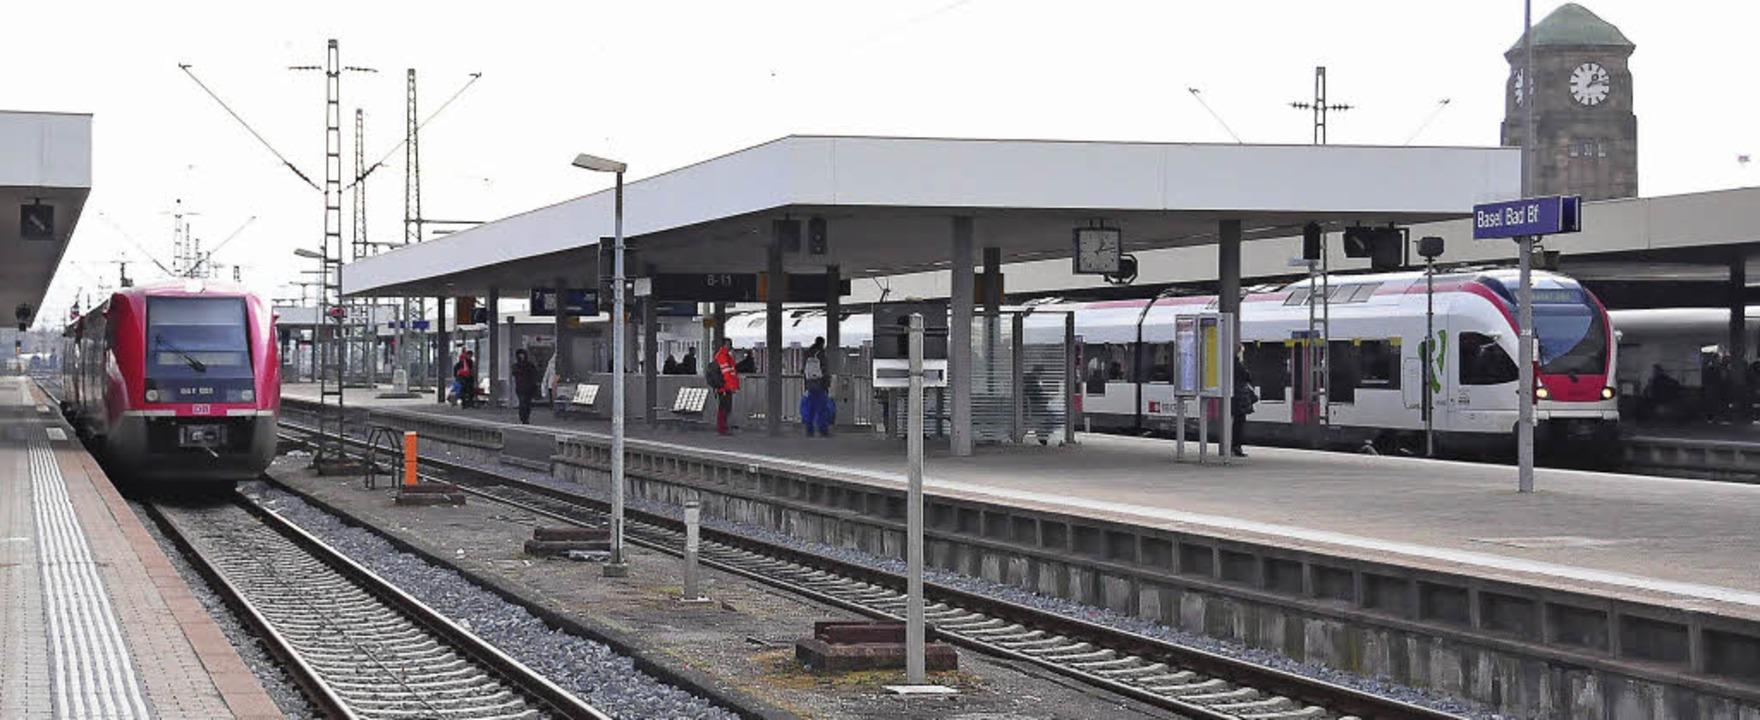 Das Herzstück brächte S-Bahnreisenden ...tersparnis von neun bis zehn Minuten.   | Foto: Annette Mahro